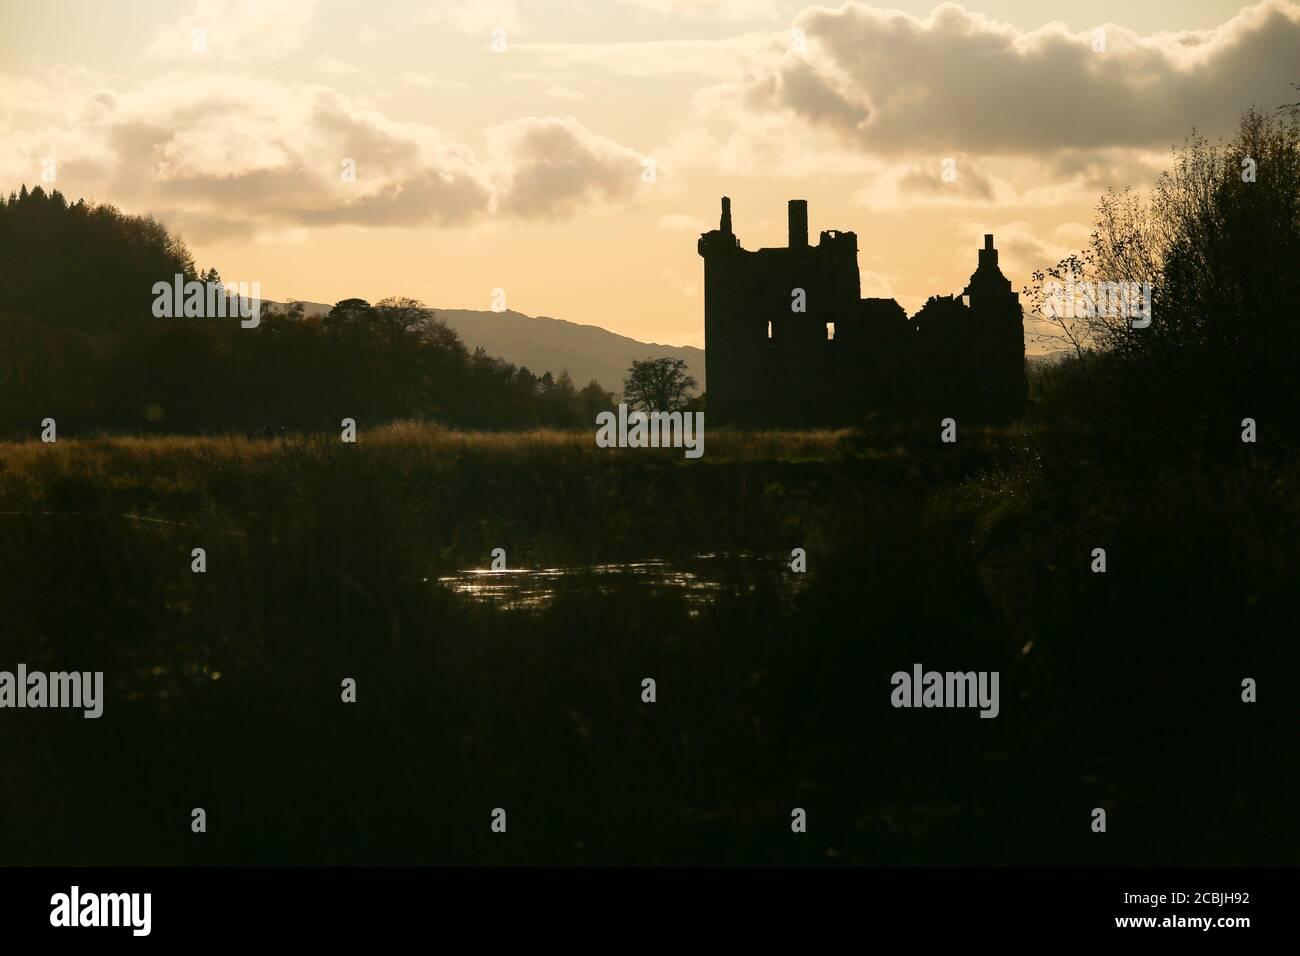 Kilchurn Castle in silhouette, Scozia Foto Stock